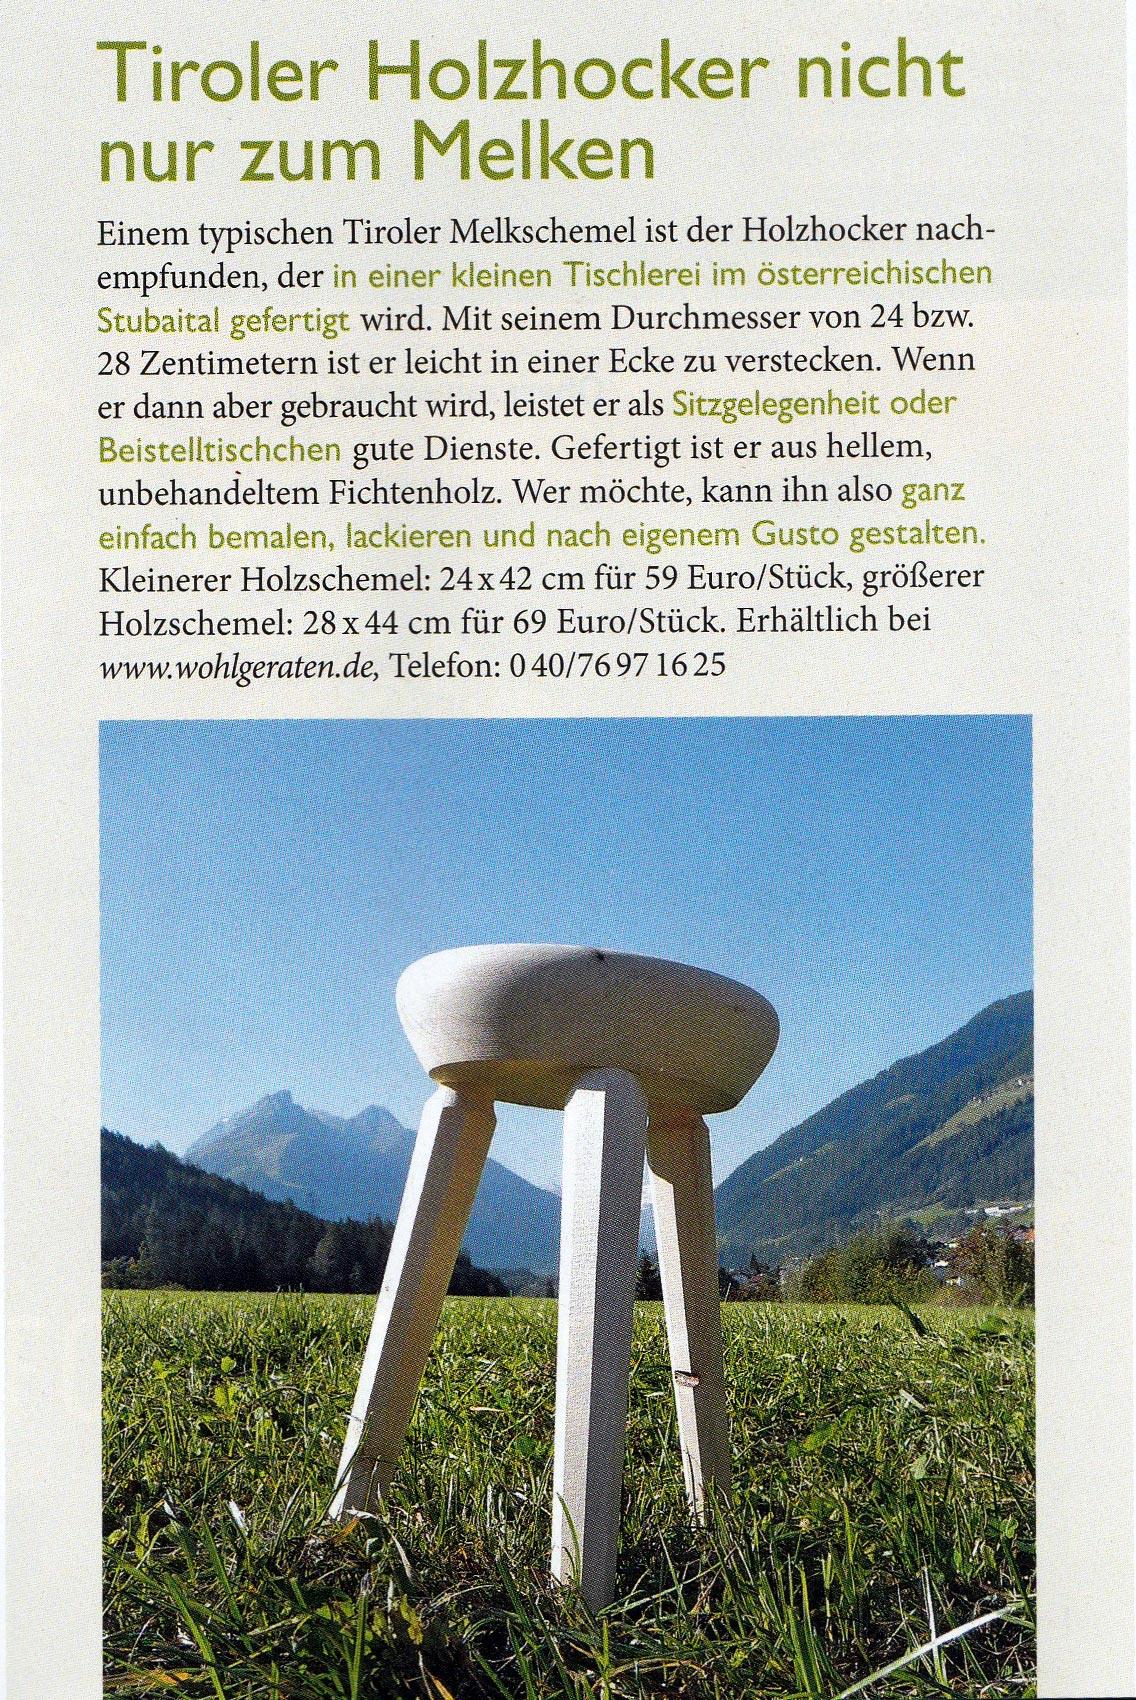 Holzhocker Tirol Land und Berge 042015